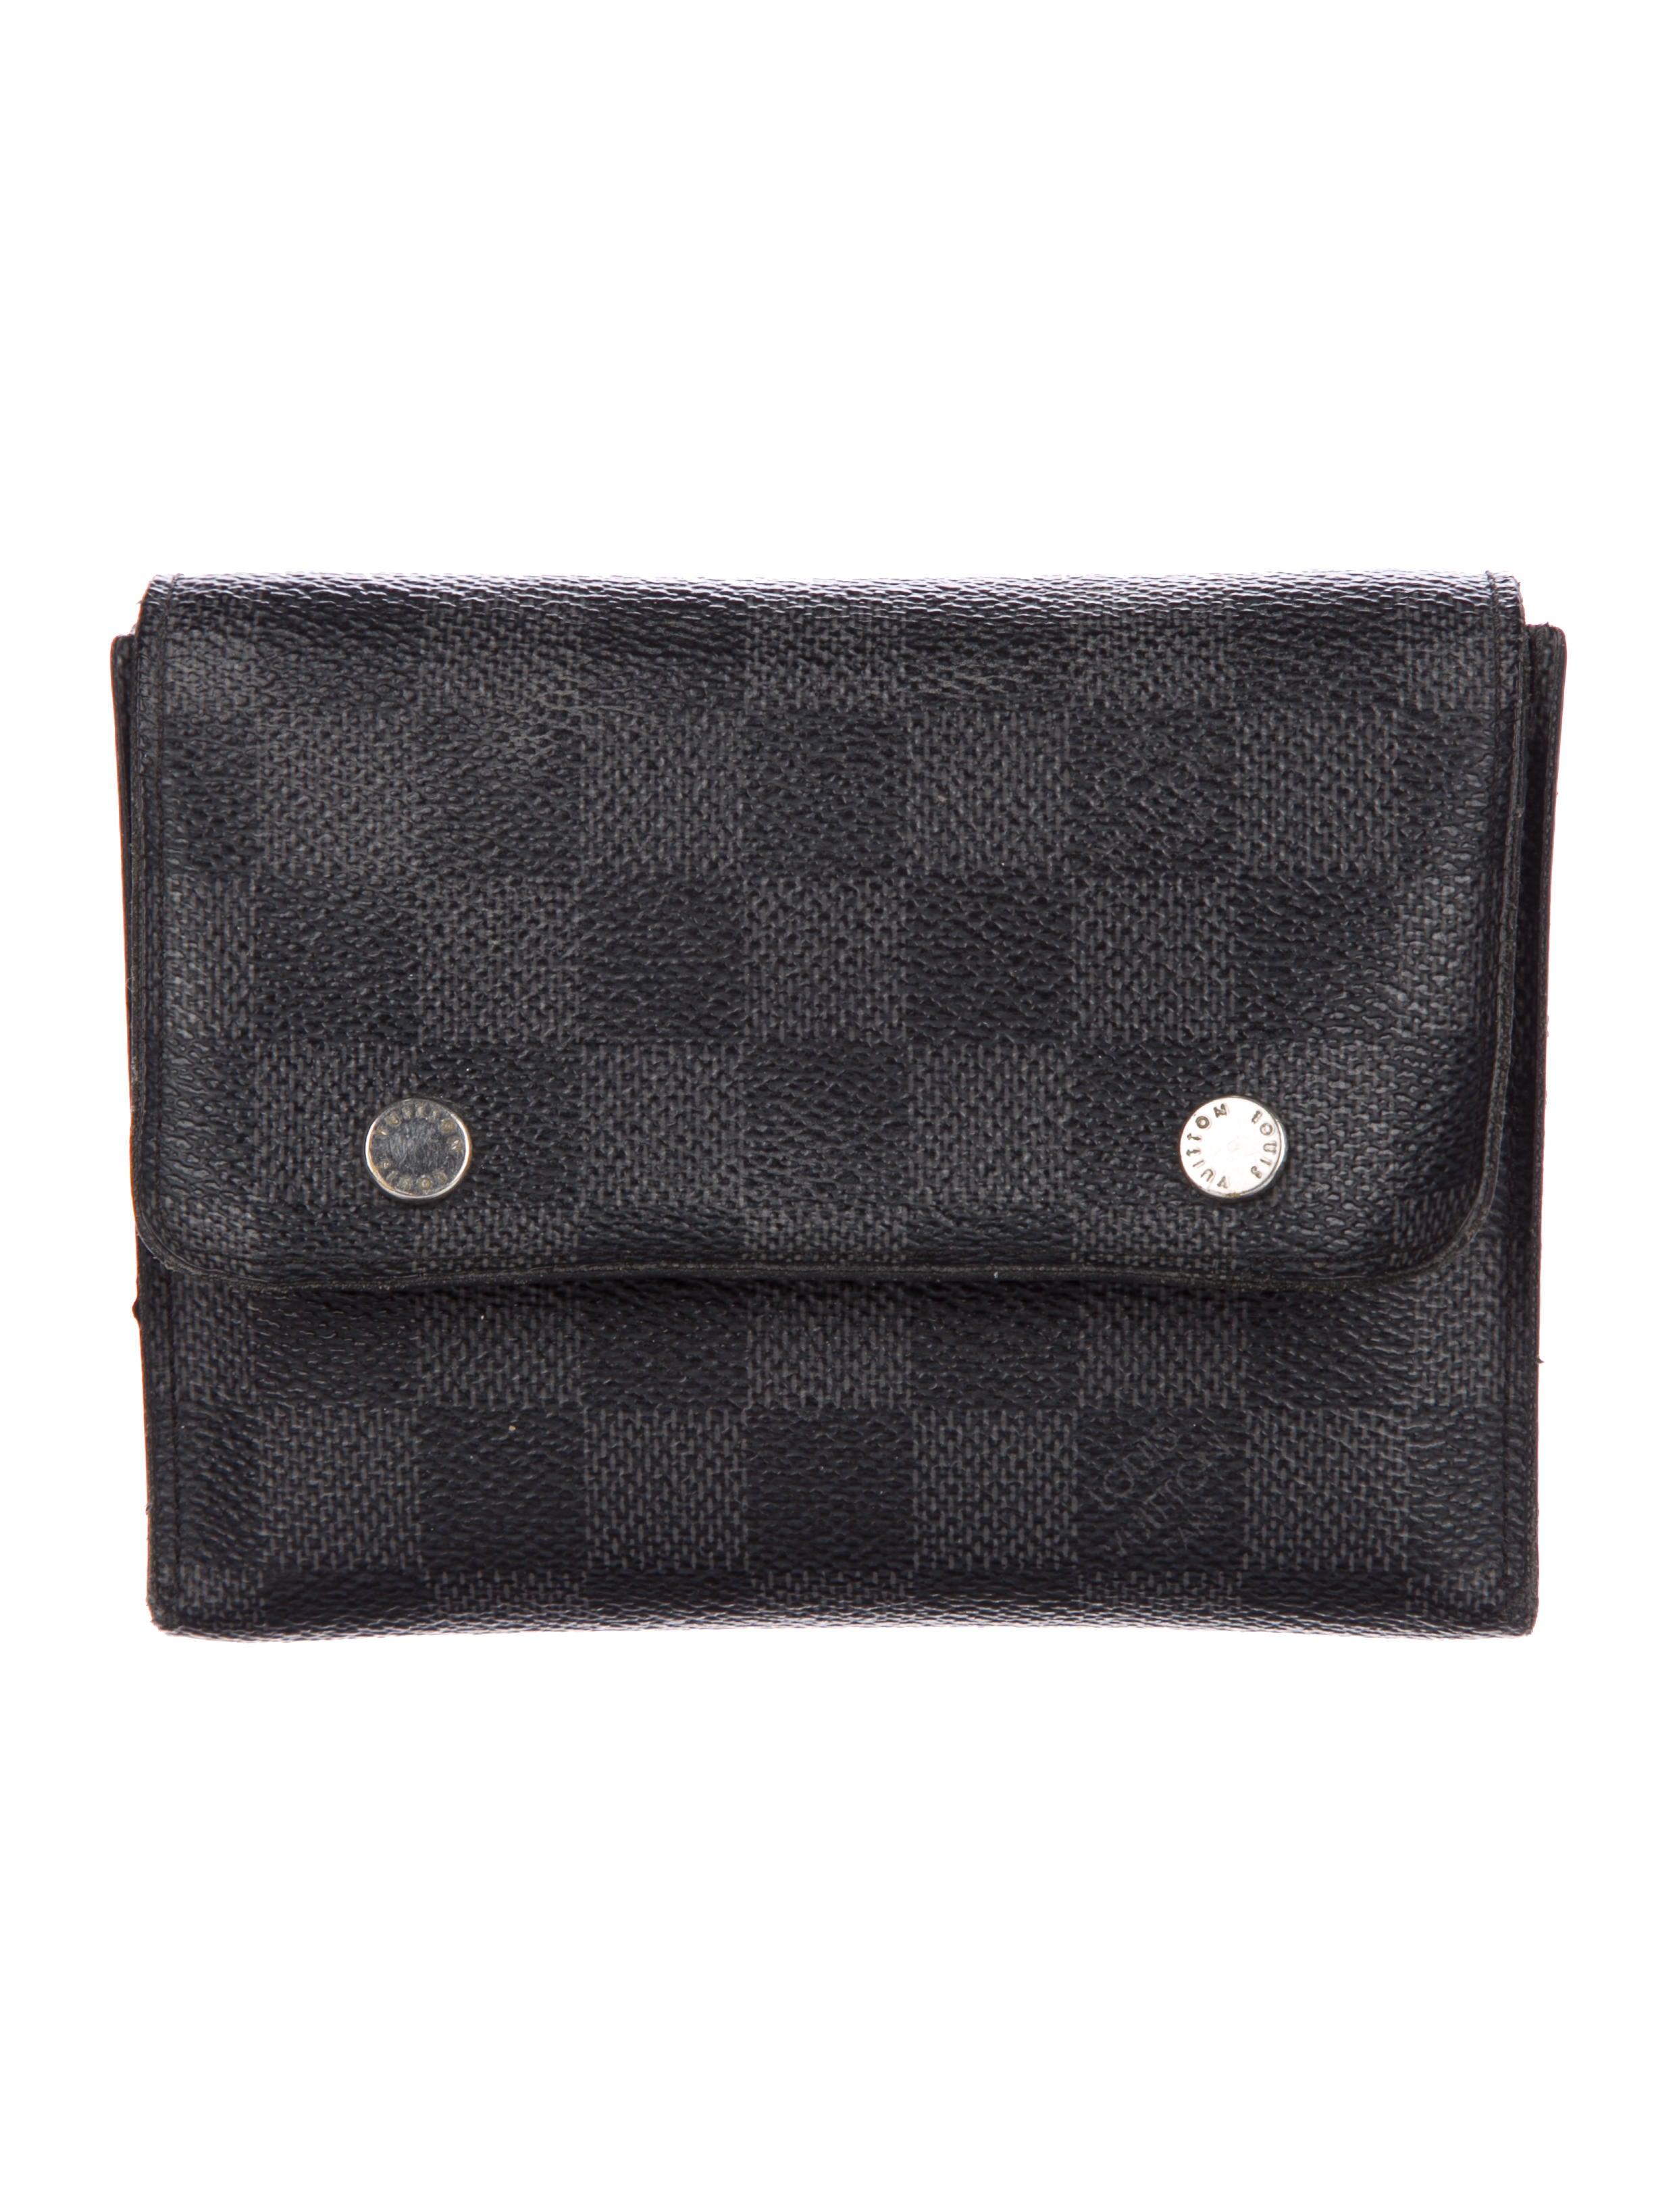 d9721ccc2d7d Louis Vuitton Damier Graphite 4 Piece Adjustable Organizer Wallet ...